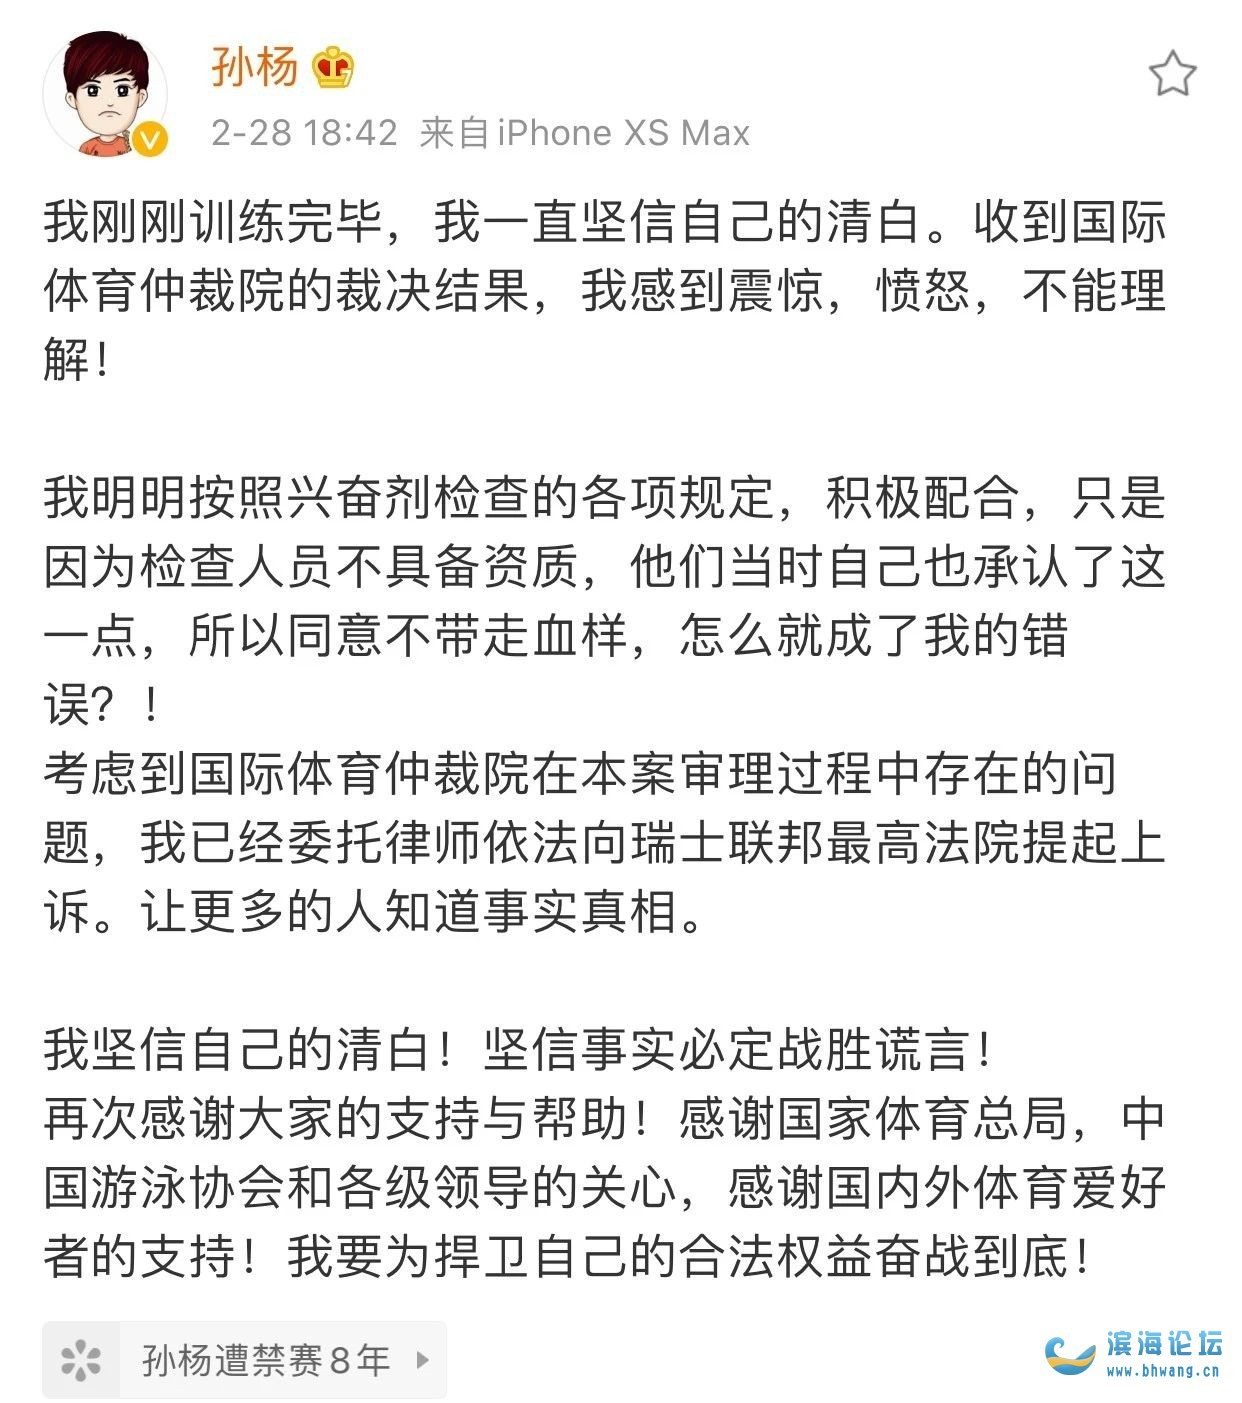 剛剛,孫楊發微博回應:感到震驚憤怒,堅信自己的清白!